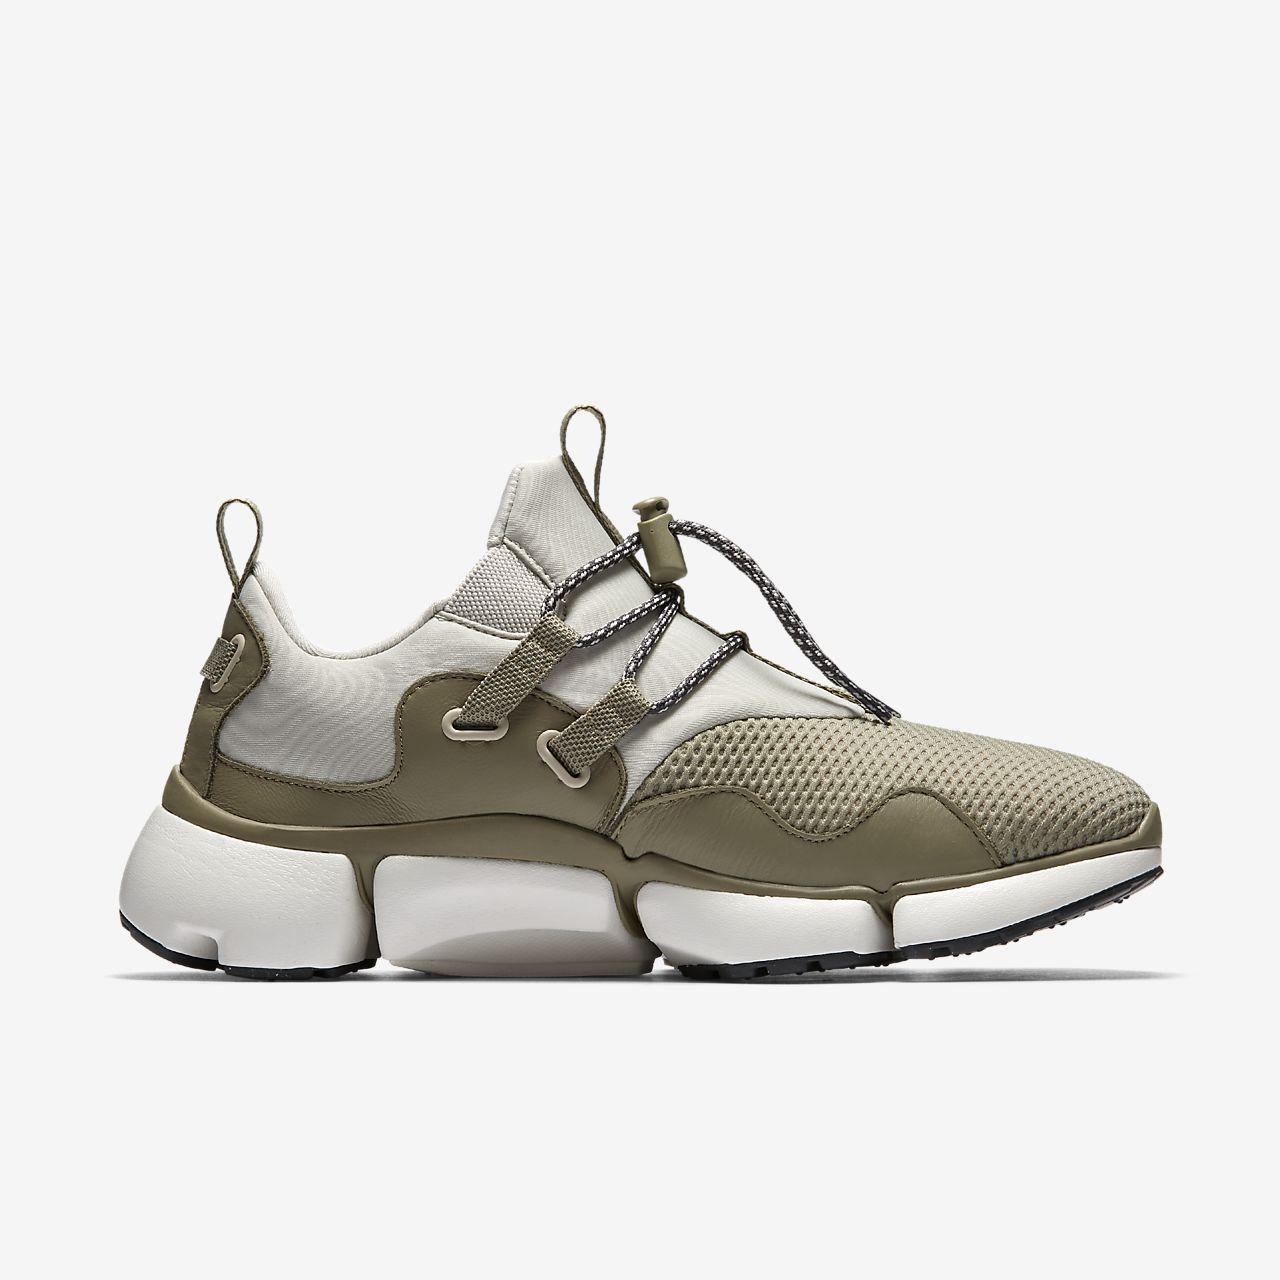 Nike Pocket Knife DM Leather Men's Lifestyle Shoes White xZ4872I